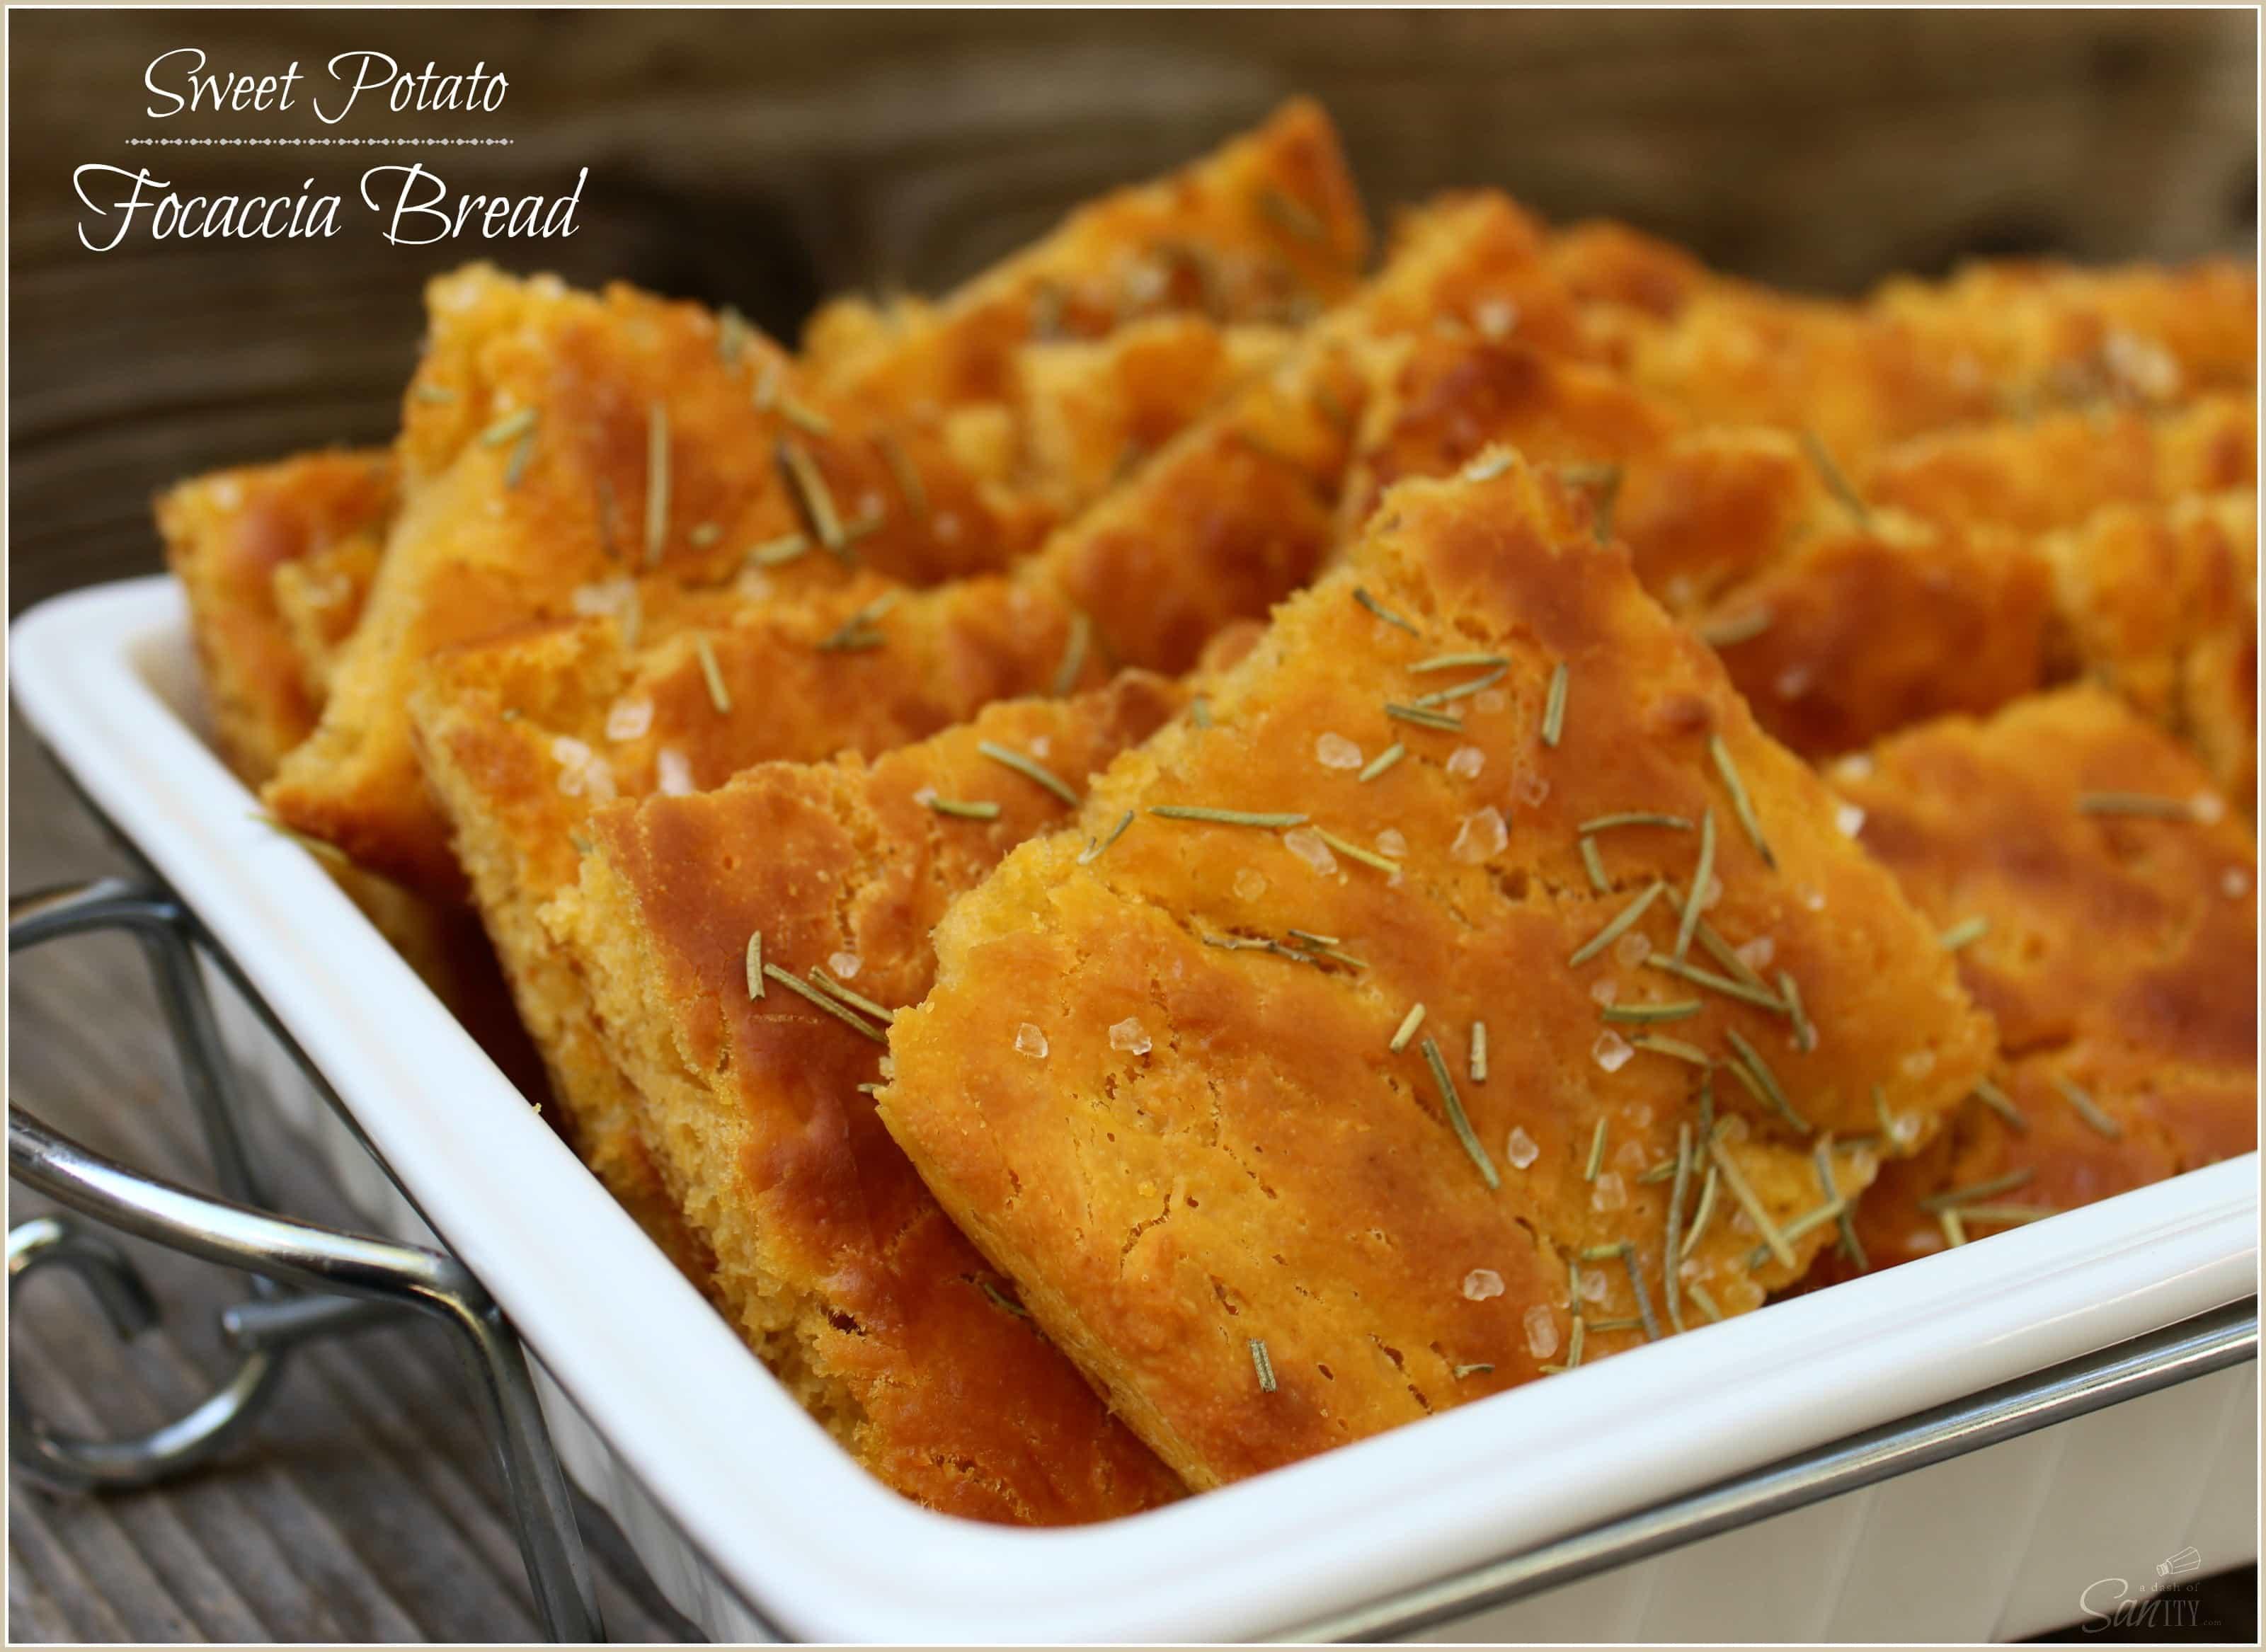 Sweet Potato Focaccia Bread squares in a white dish